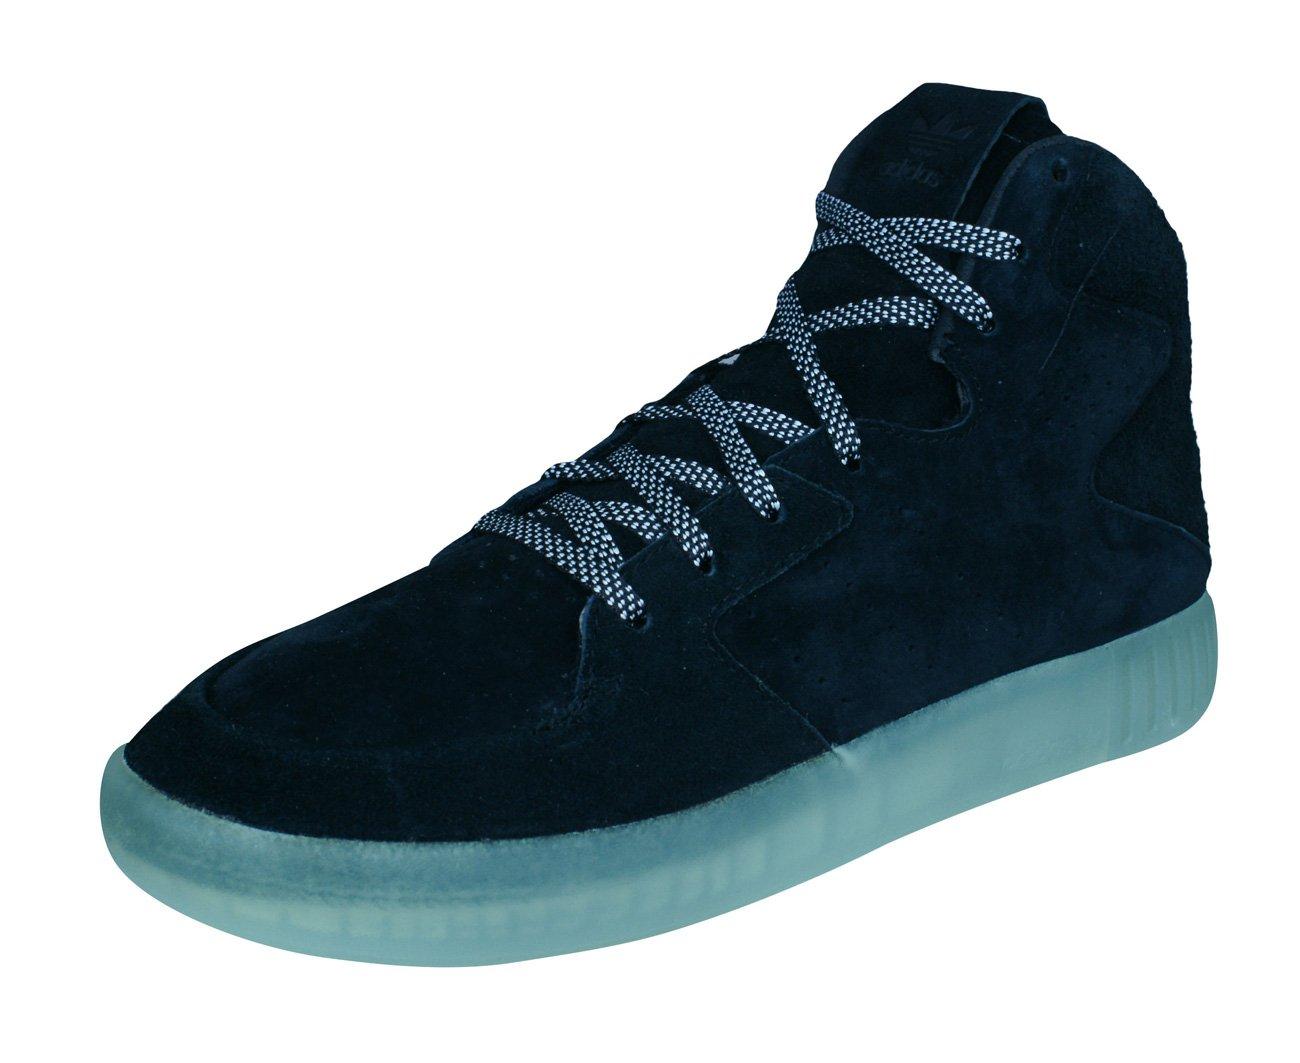 Multifärgstarka adidas herrar Tubular Invader 2.0 S8403 Stövlar Stövlar Stövlar  online mode shopping